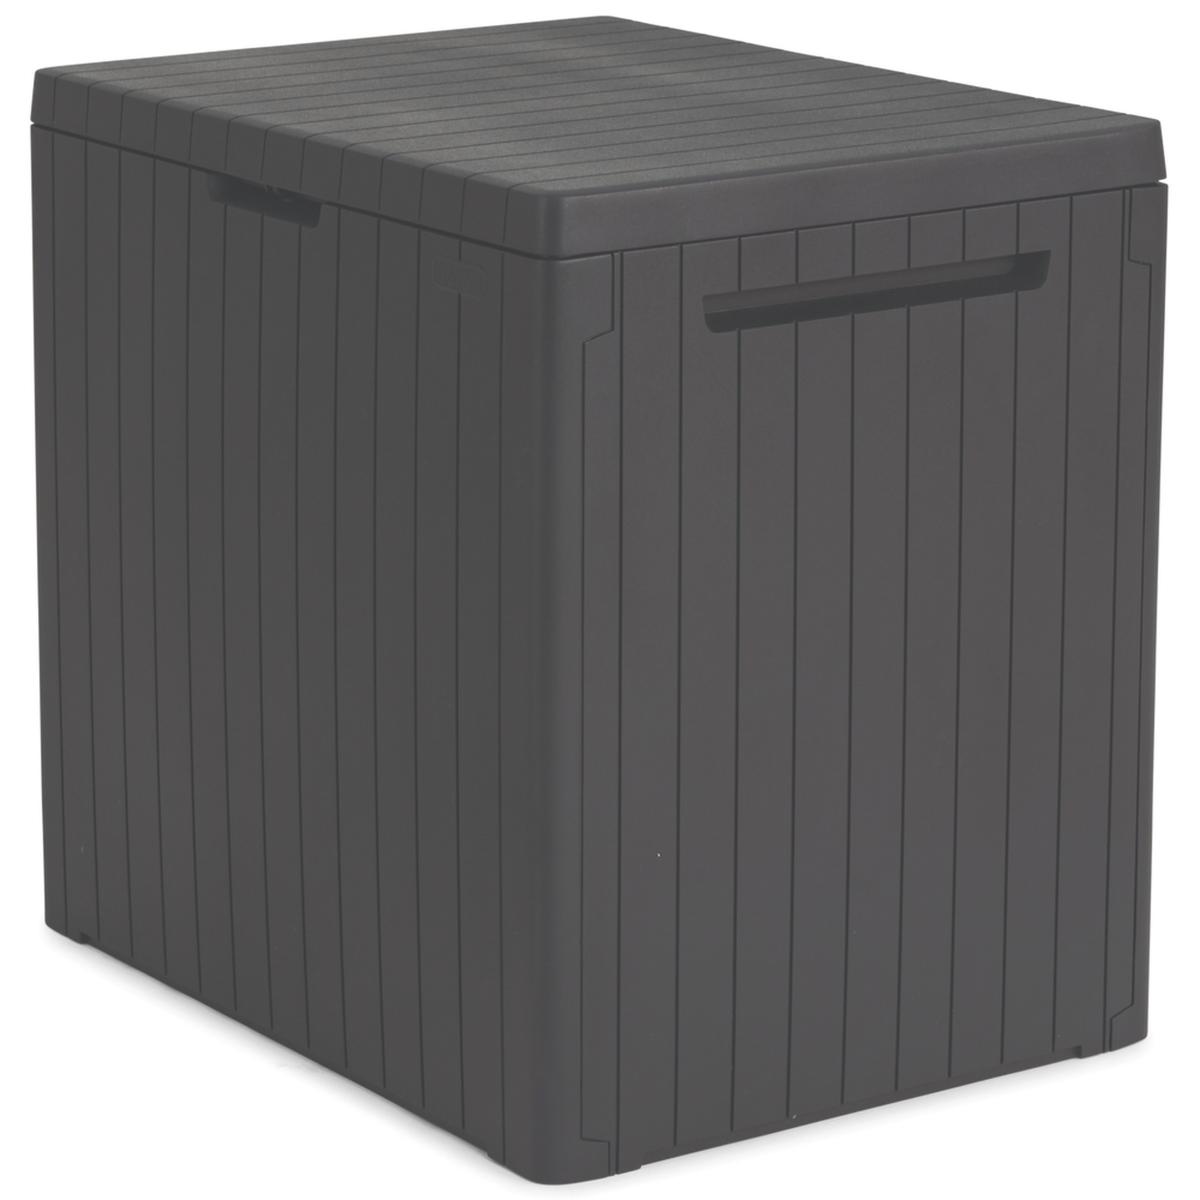 Садовый ящик Keter City Box 113 л графит